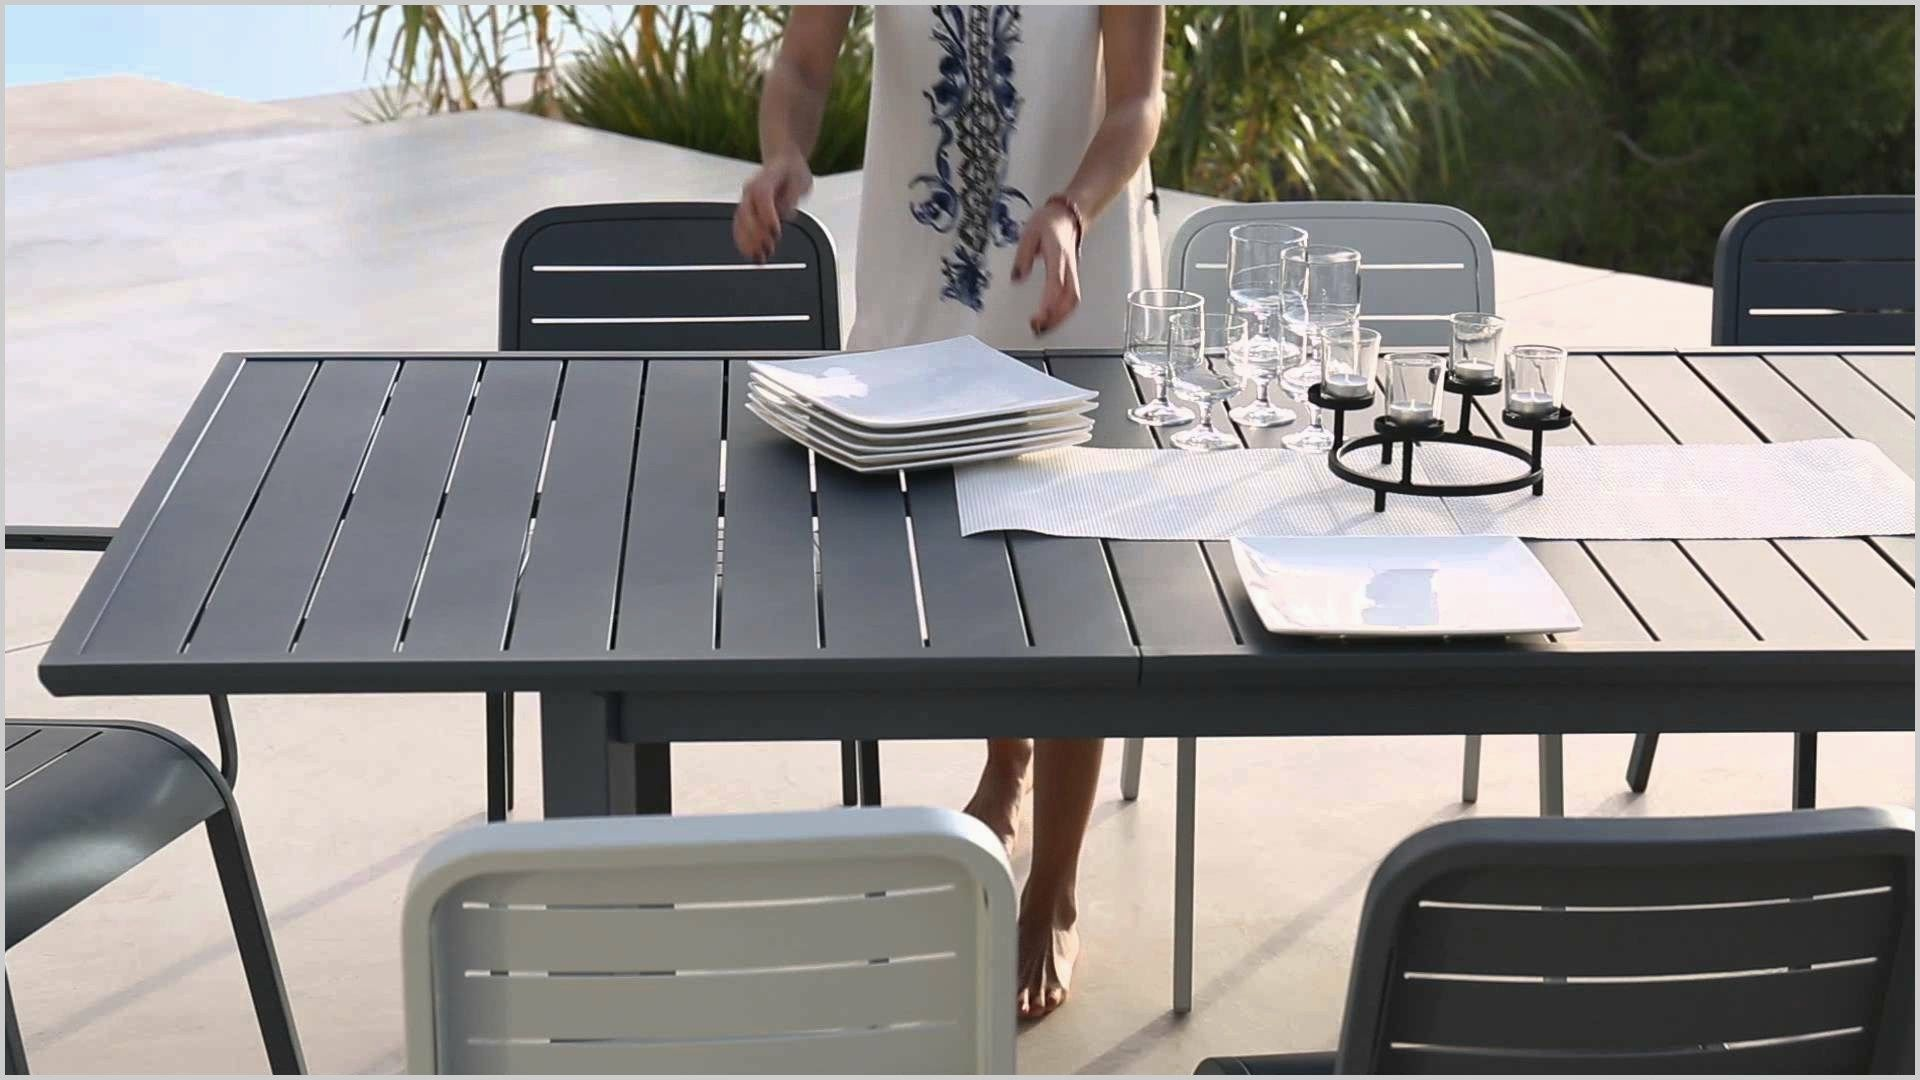 Epingle Par Pascale Harkouss Sur Future House Meubles De Patio Salon De Jardin Table Jardin Plastique